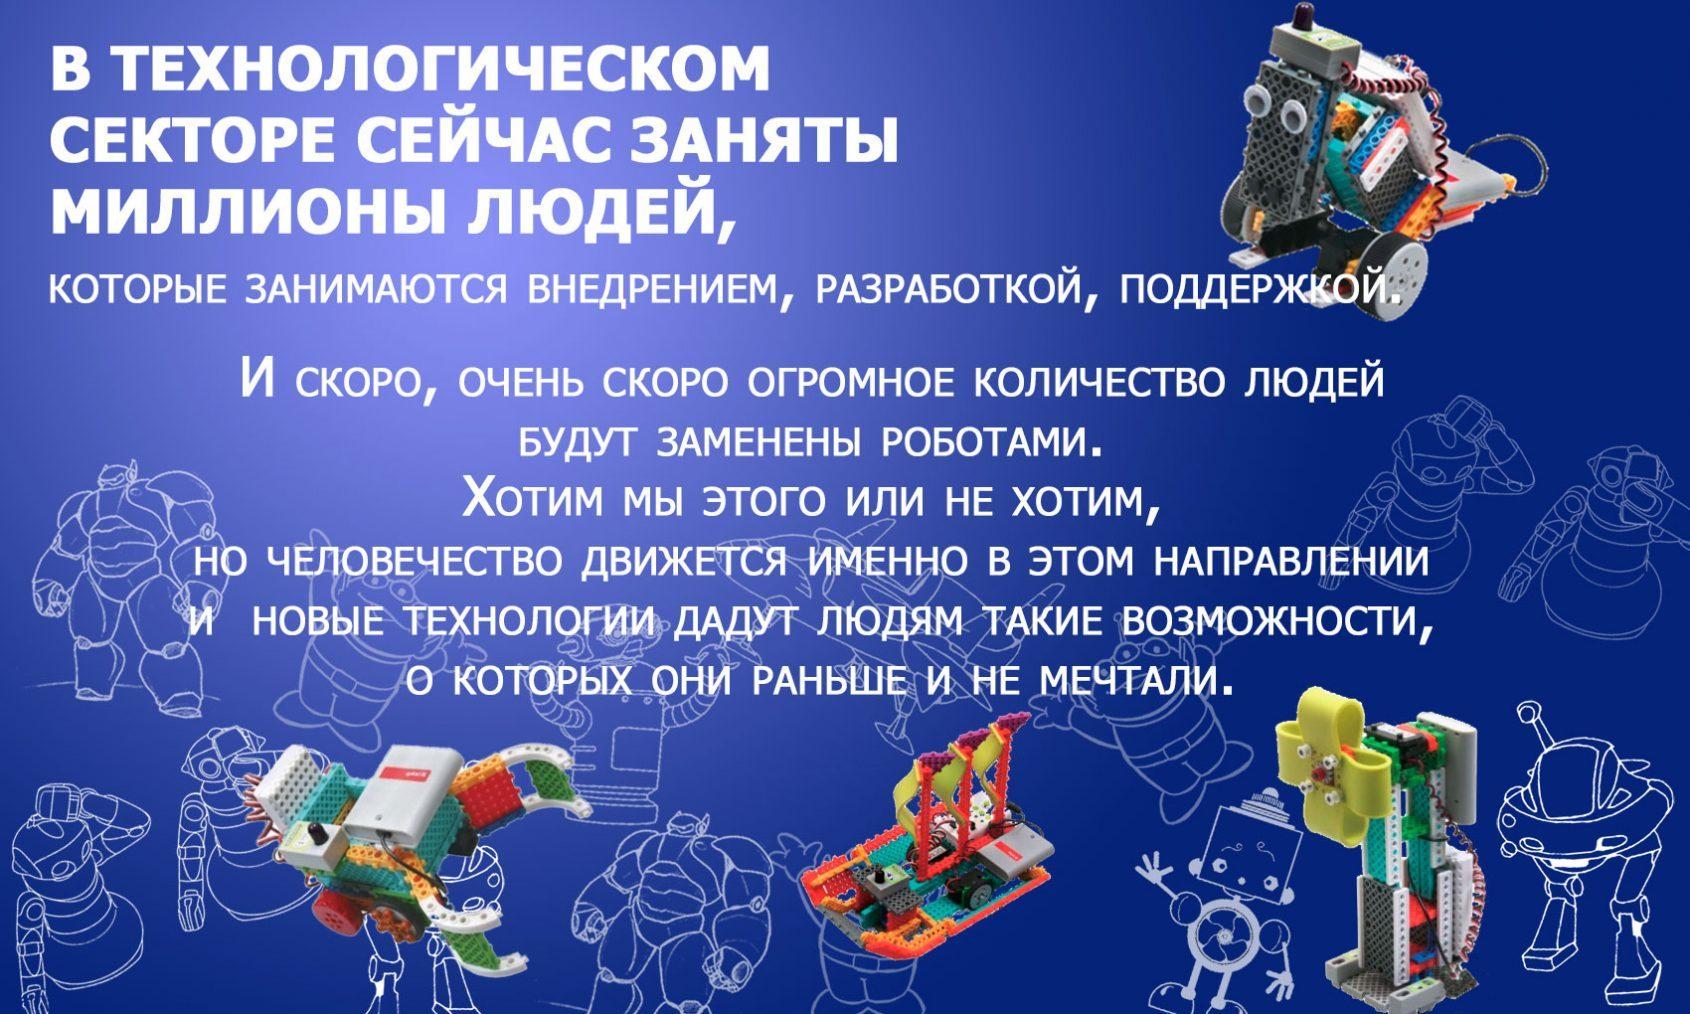 Кружок робототехники для детей в Бирюлево